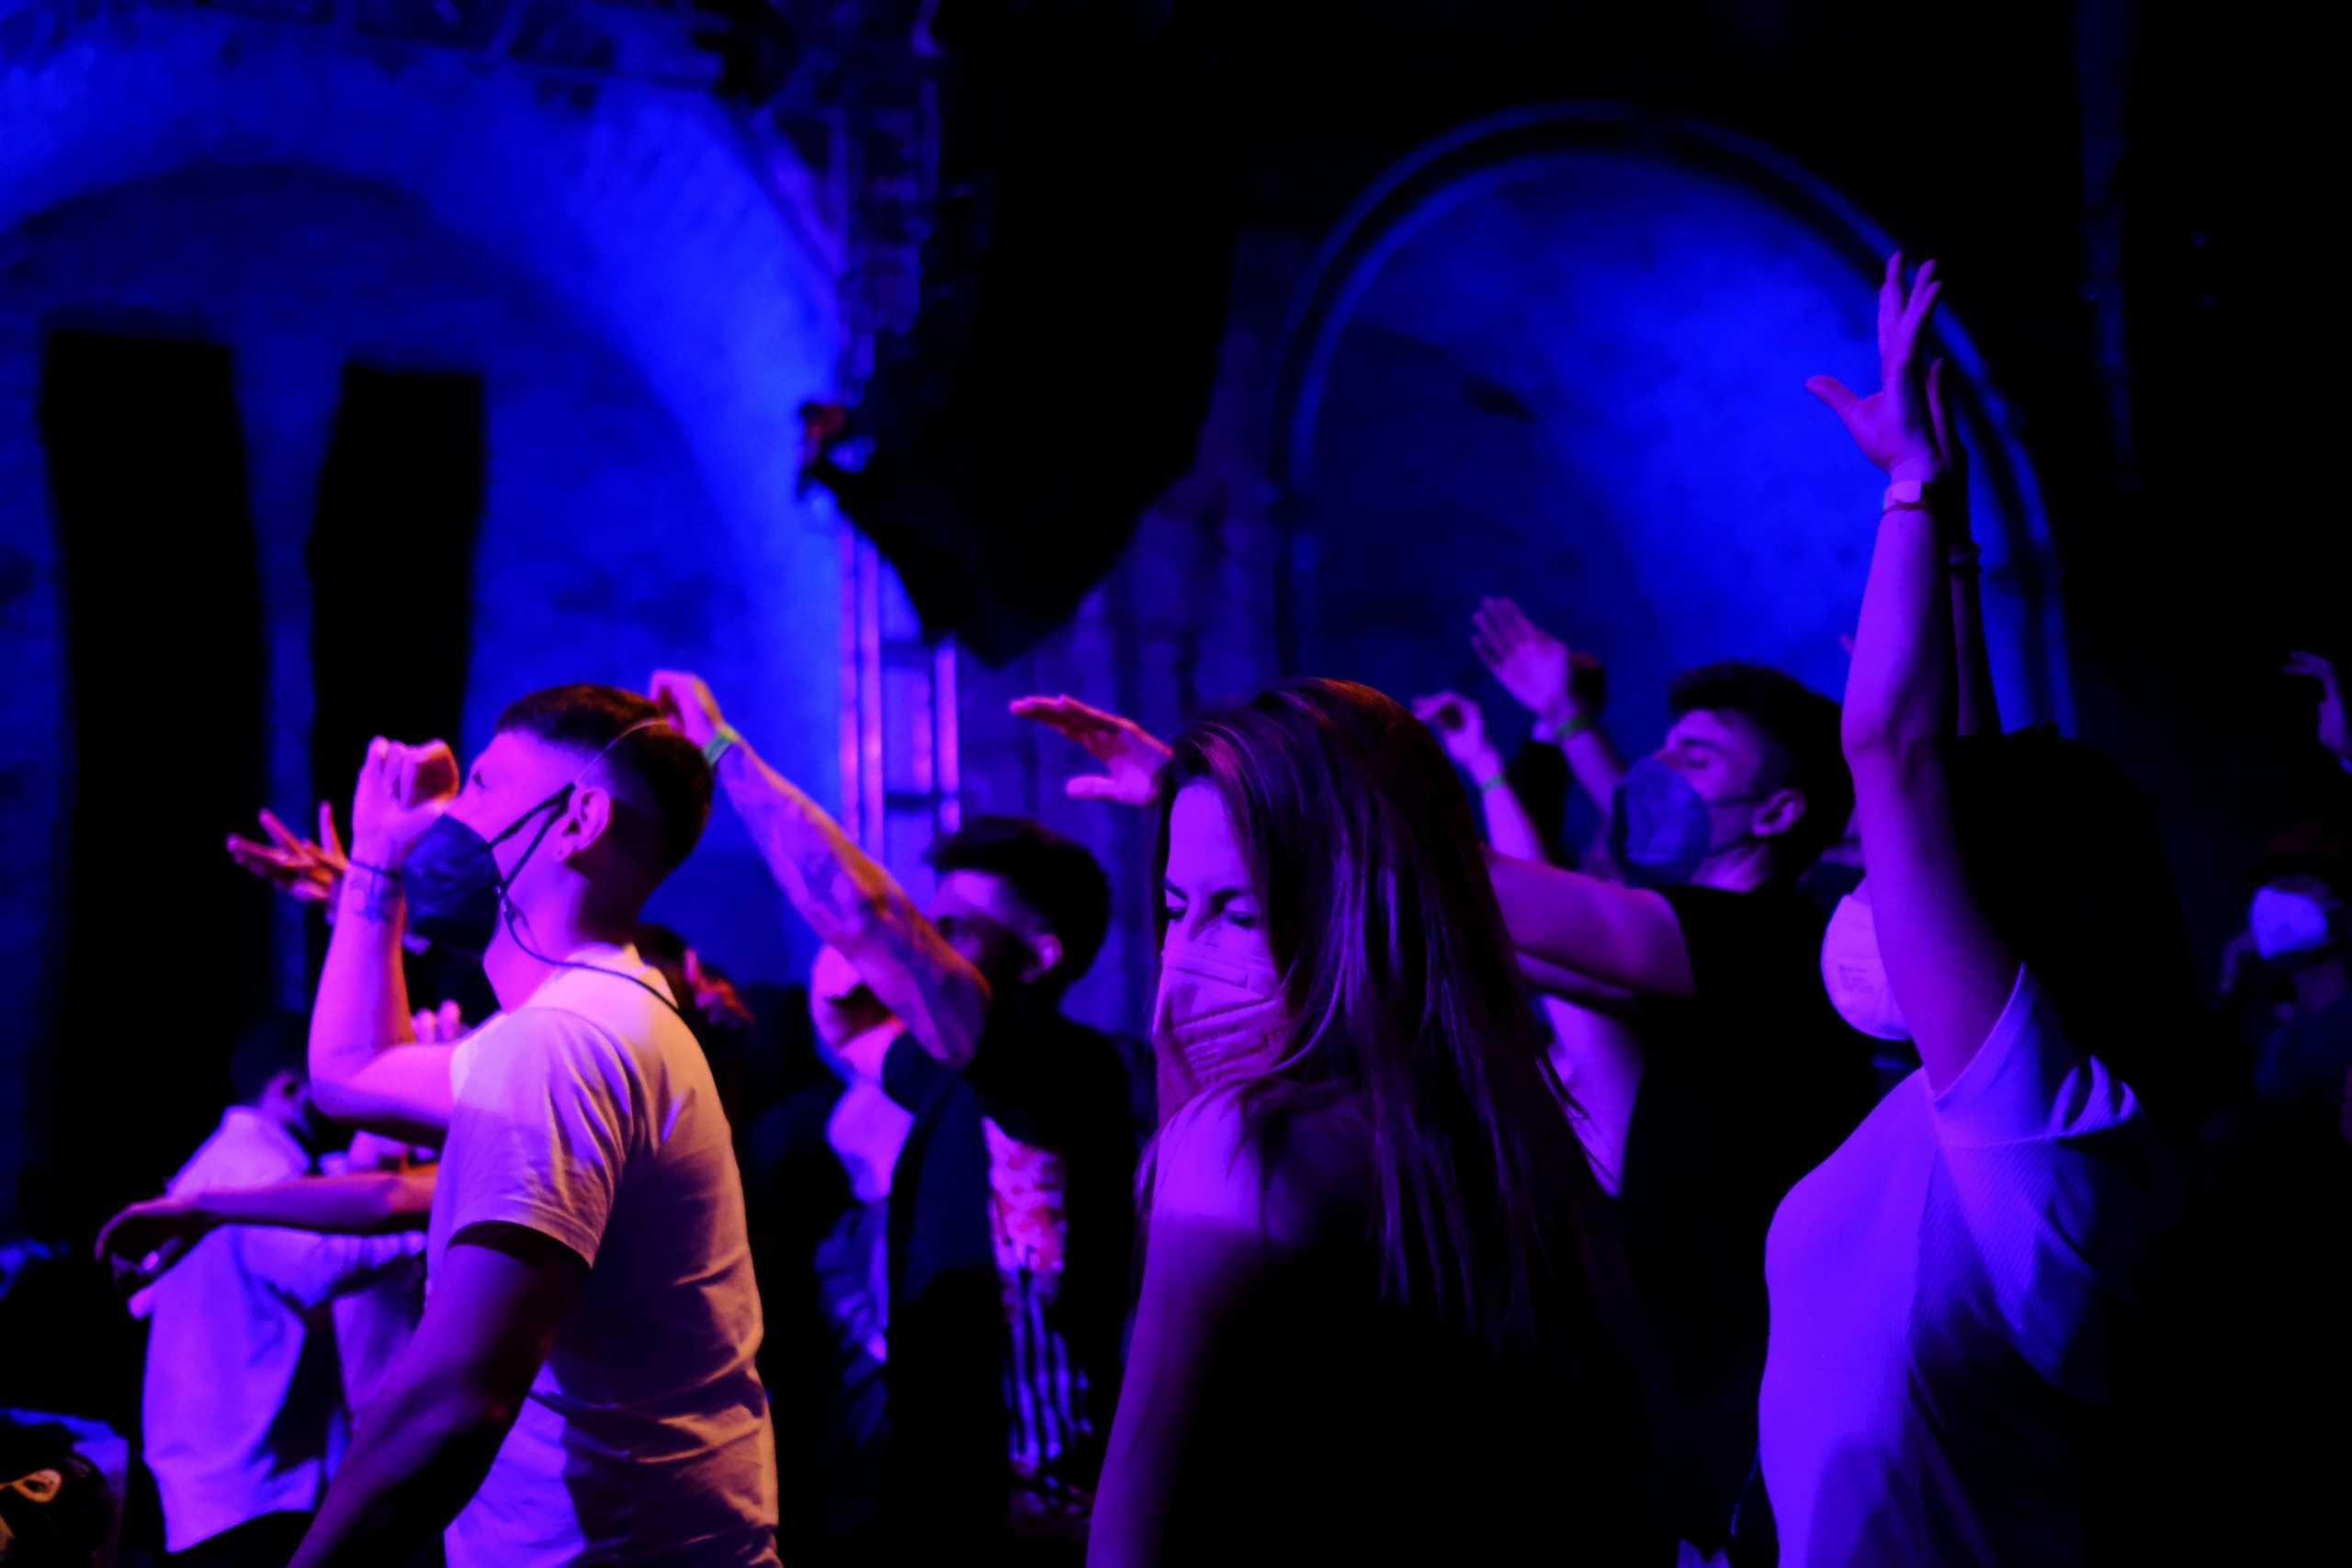 Σταματάνε τα πάρτυ στο beach bar της παραλιακής με τα 100 κρούσματα κορονοϊού